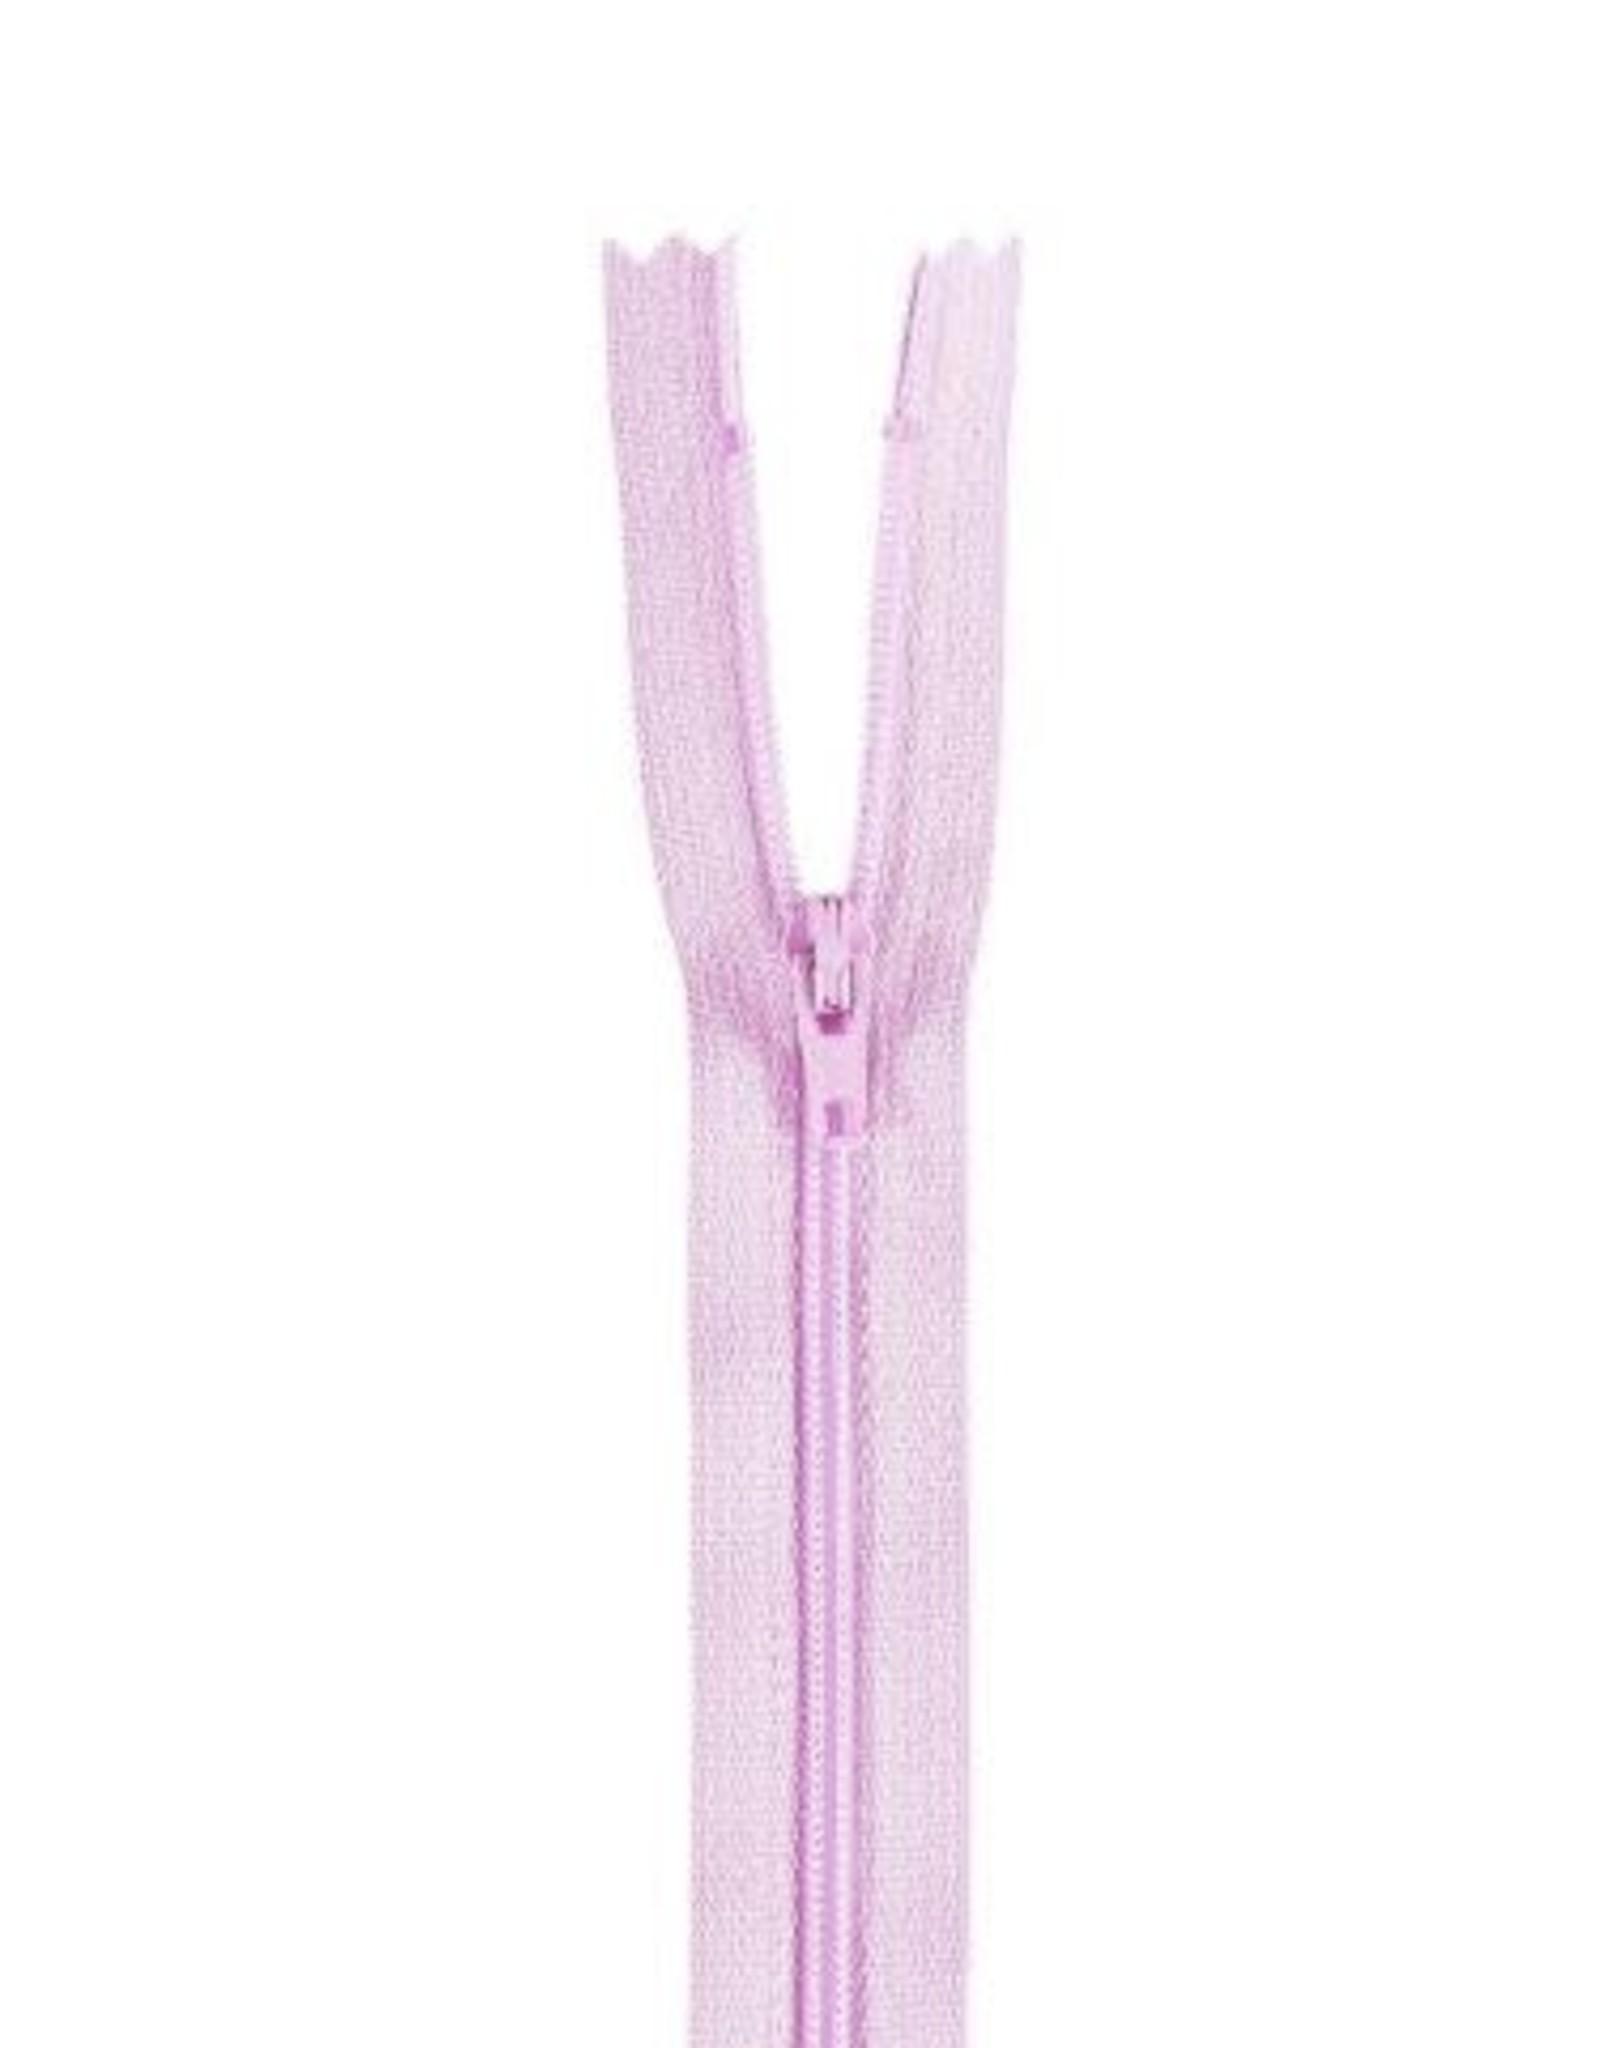 YKK Spiraalrits niet-DB 3mm licht roze paars 068-18cm